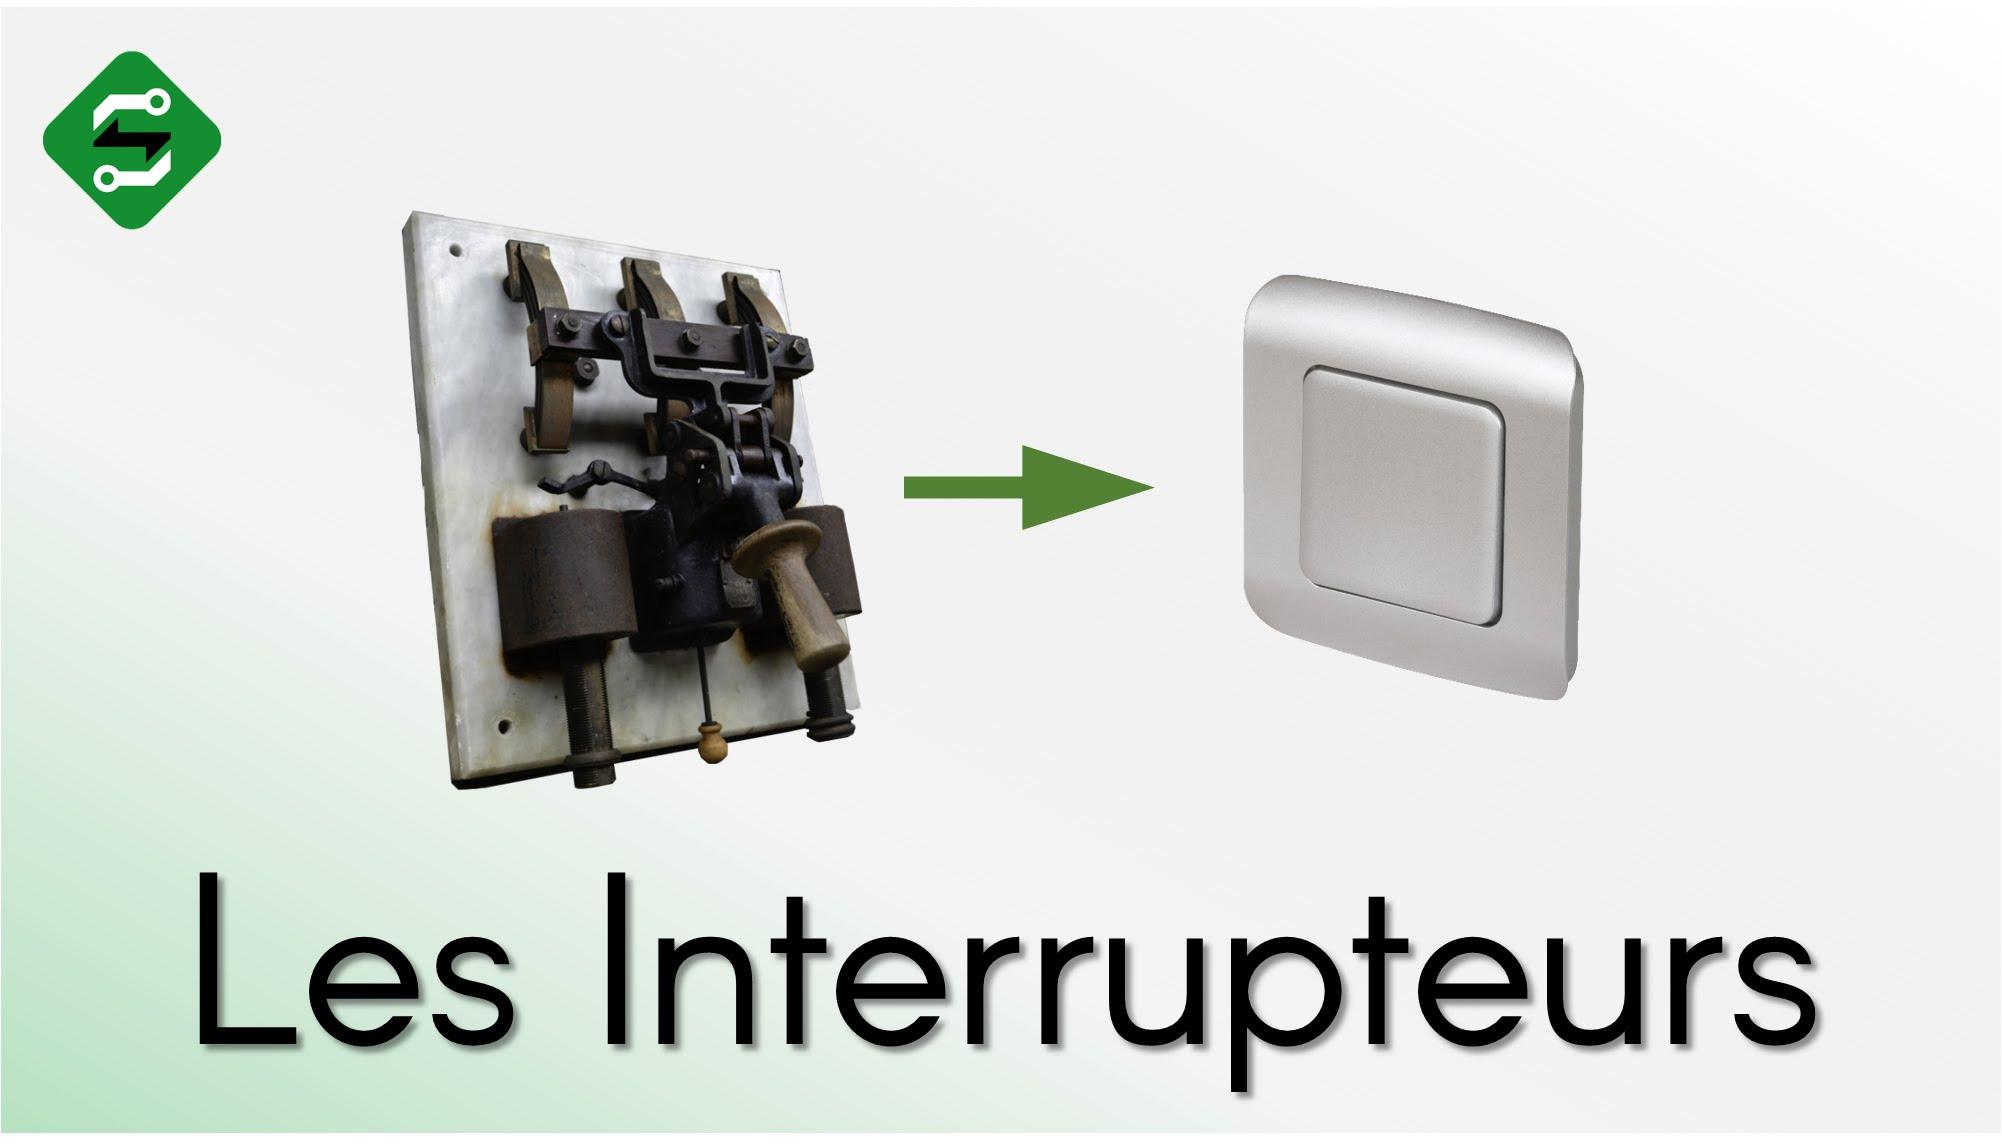 Les-Interrupteurs-Pourquoi-allume-t-on-vers-le-haut-SILIS-Electronique